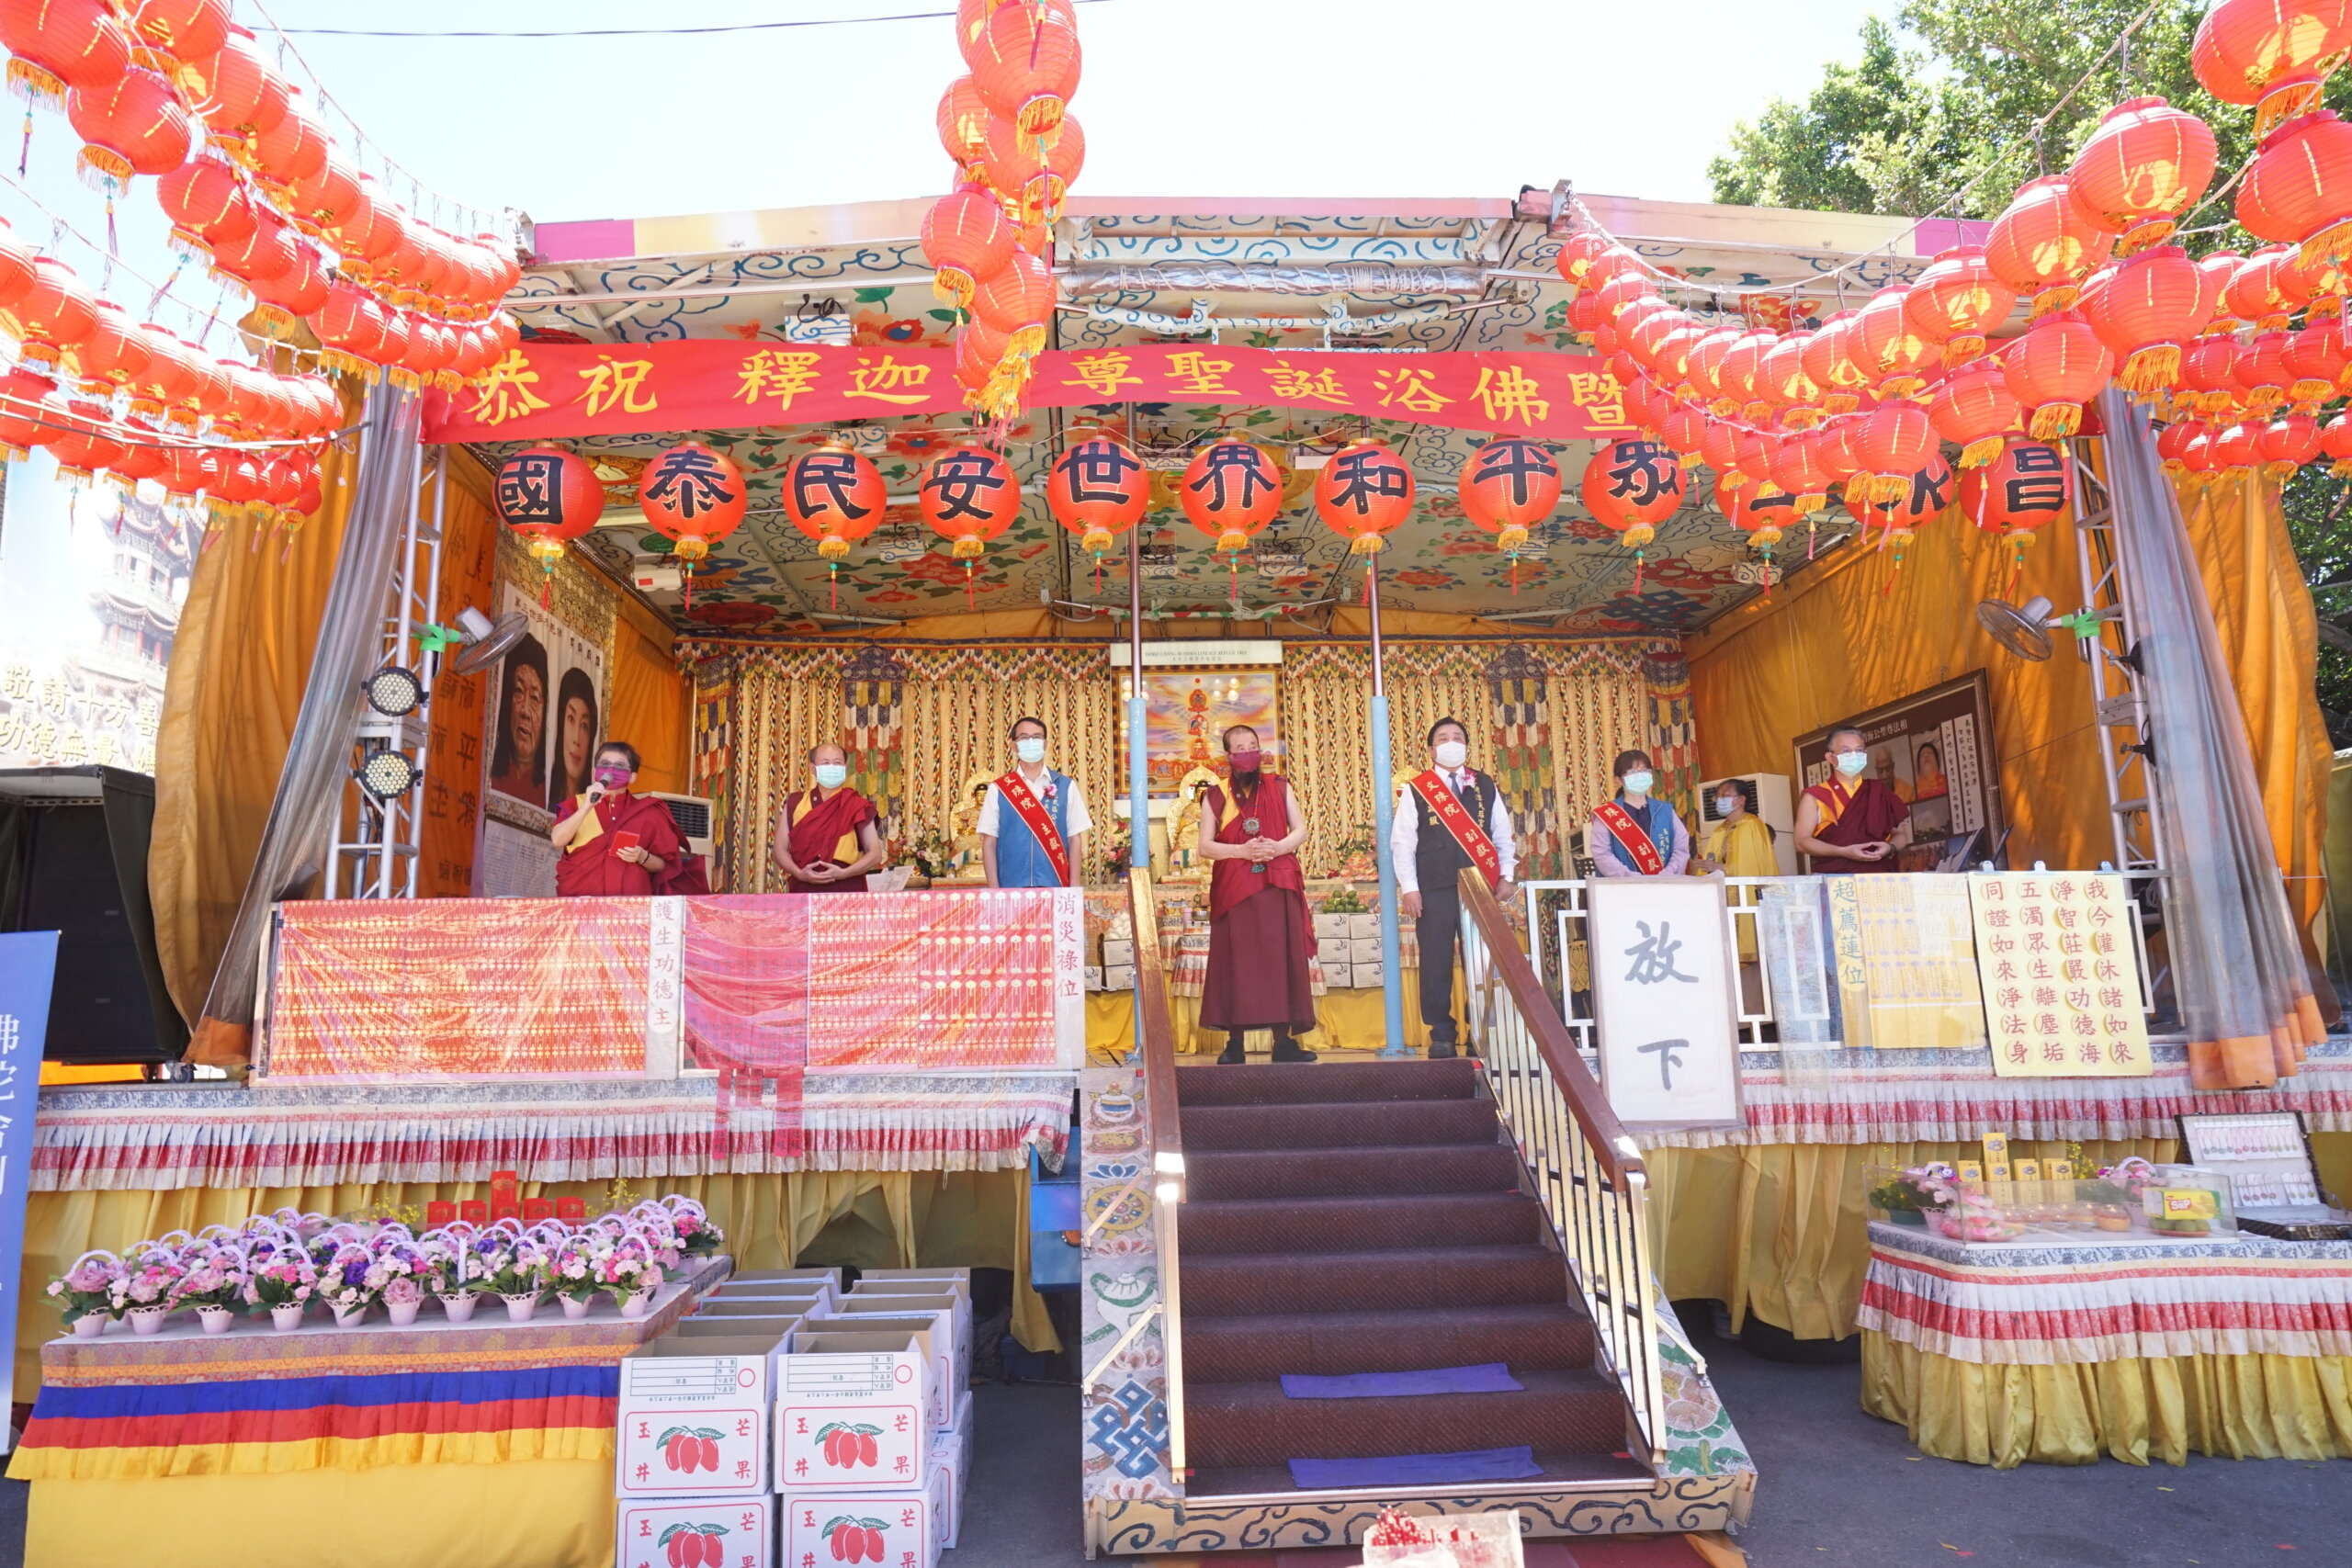 行動佛殿136站舉辦恭祝釋迦世尊聖誕浴佛暨護生法會